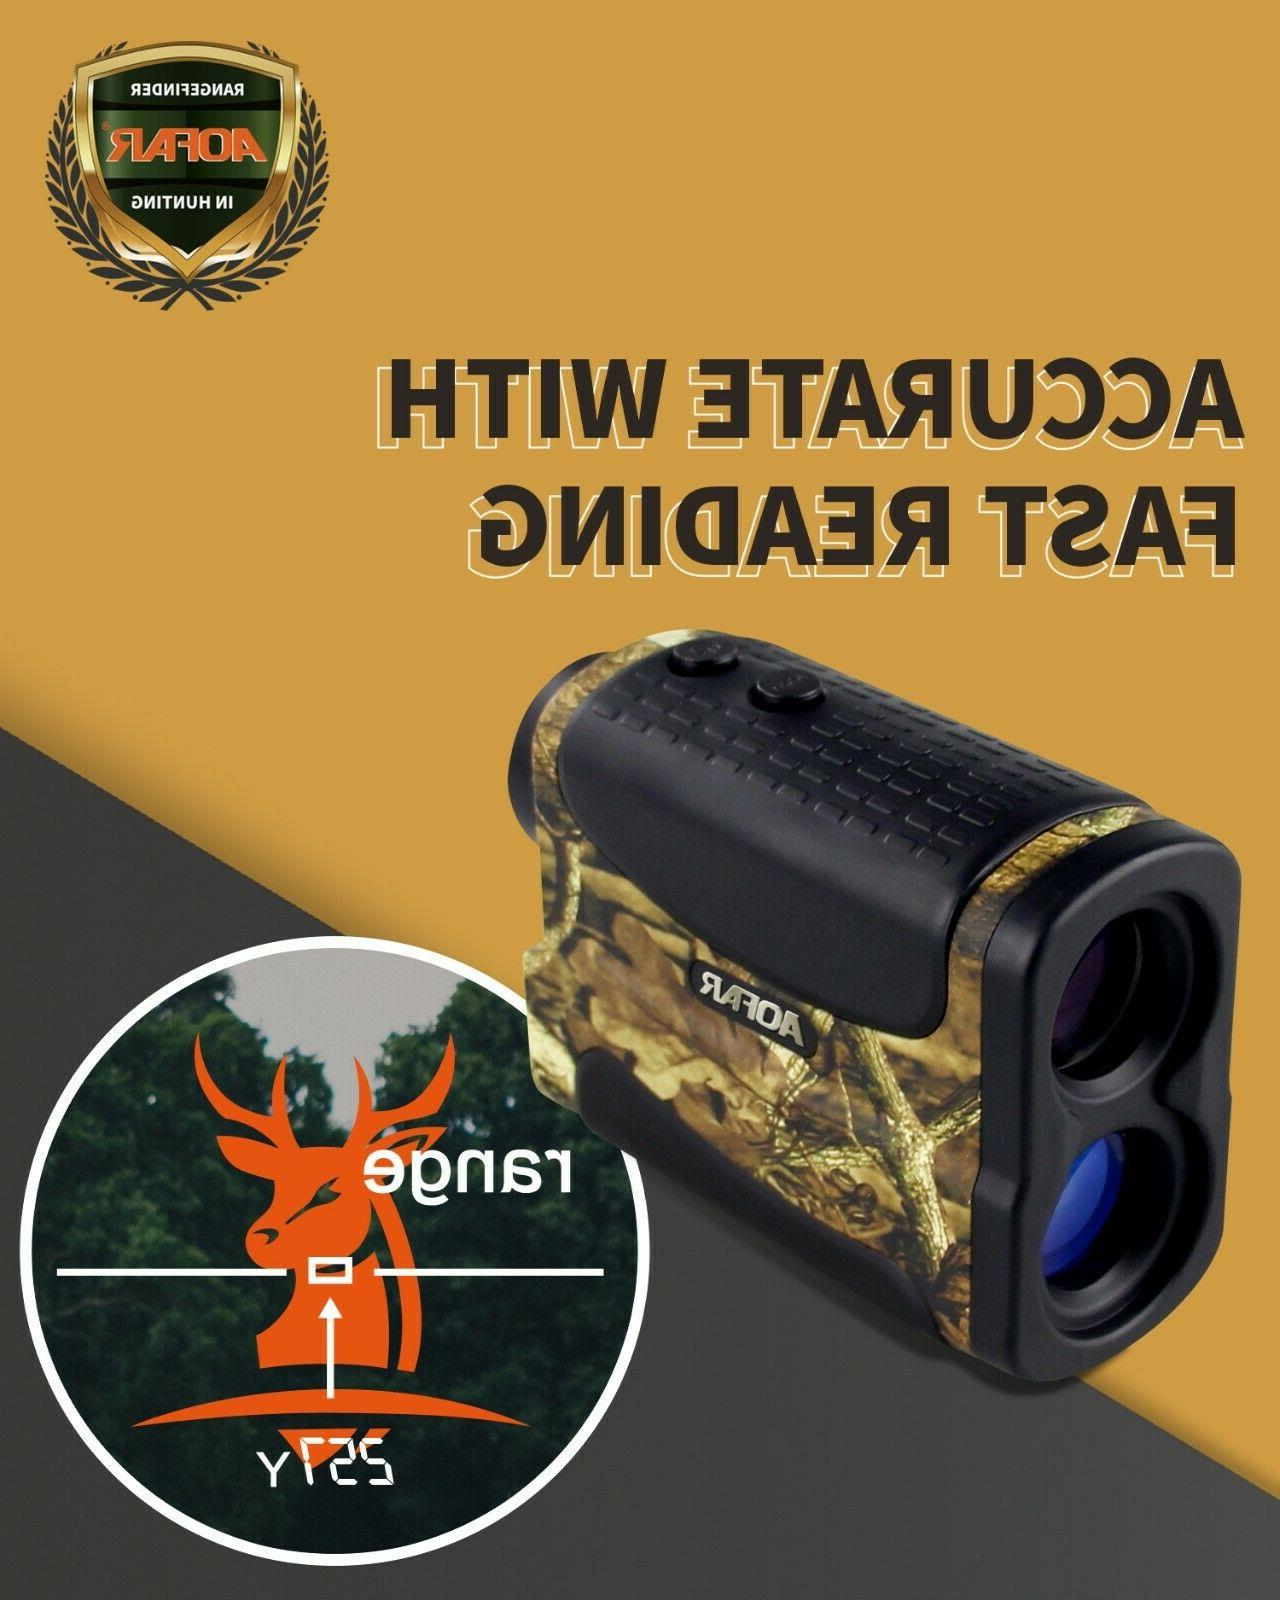 AOFAR HX-700N Laser Finder Hunting Archery yards Waterproof